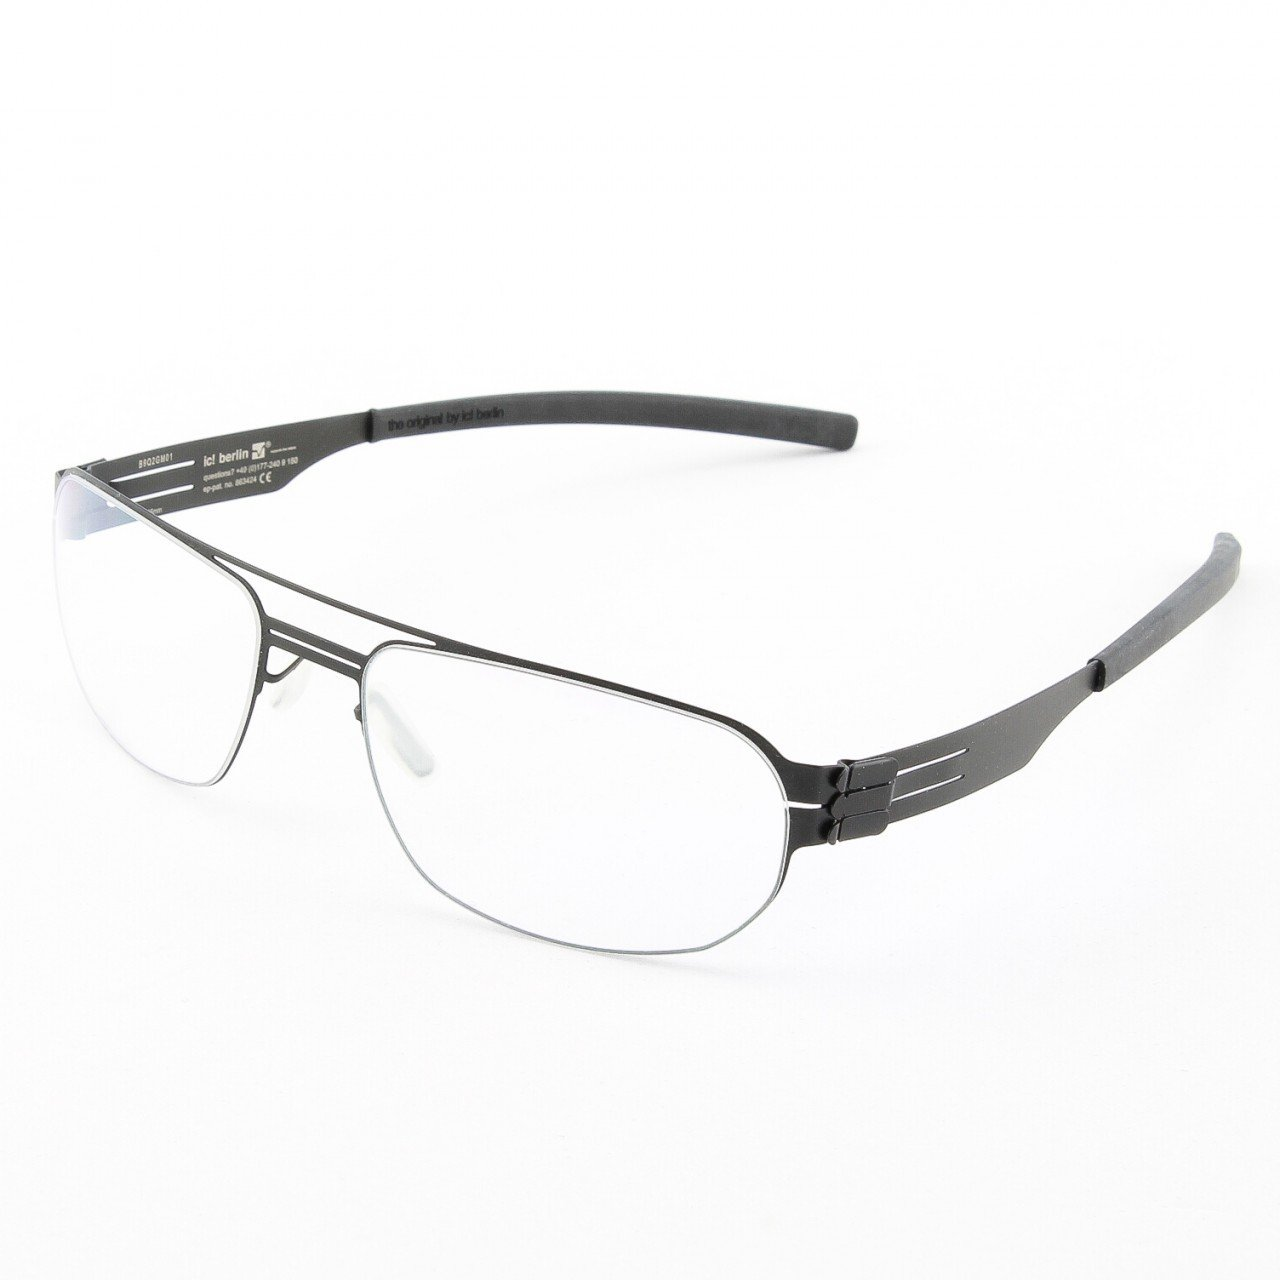 ic! Berlin Oleg P. Eyeglasses Col. Black with Clear Lenses